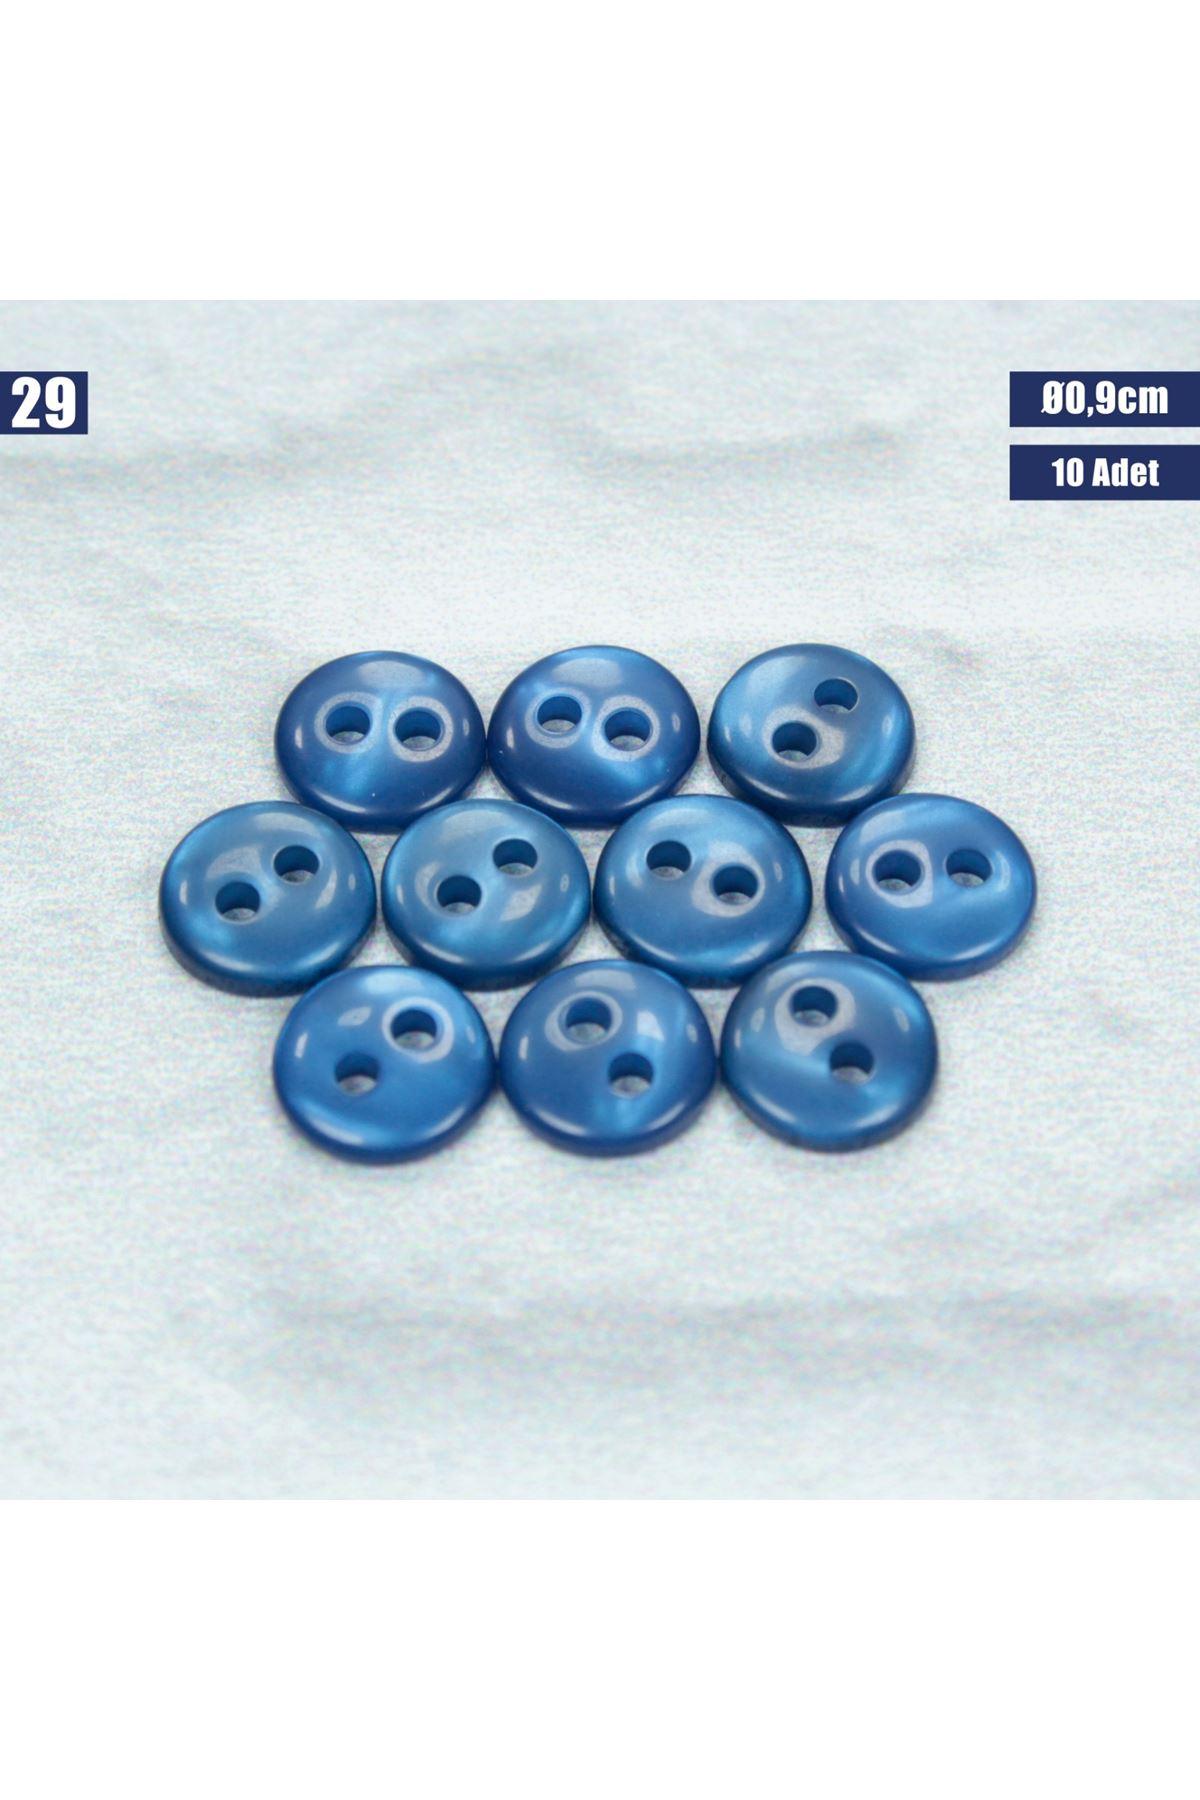 Amigurumi Düğmesi Ø 0,9cm - 29